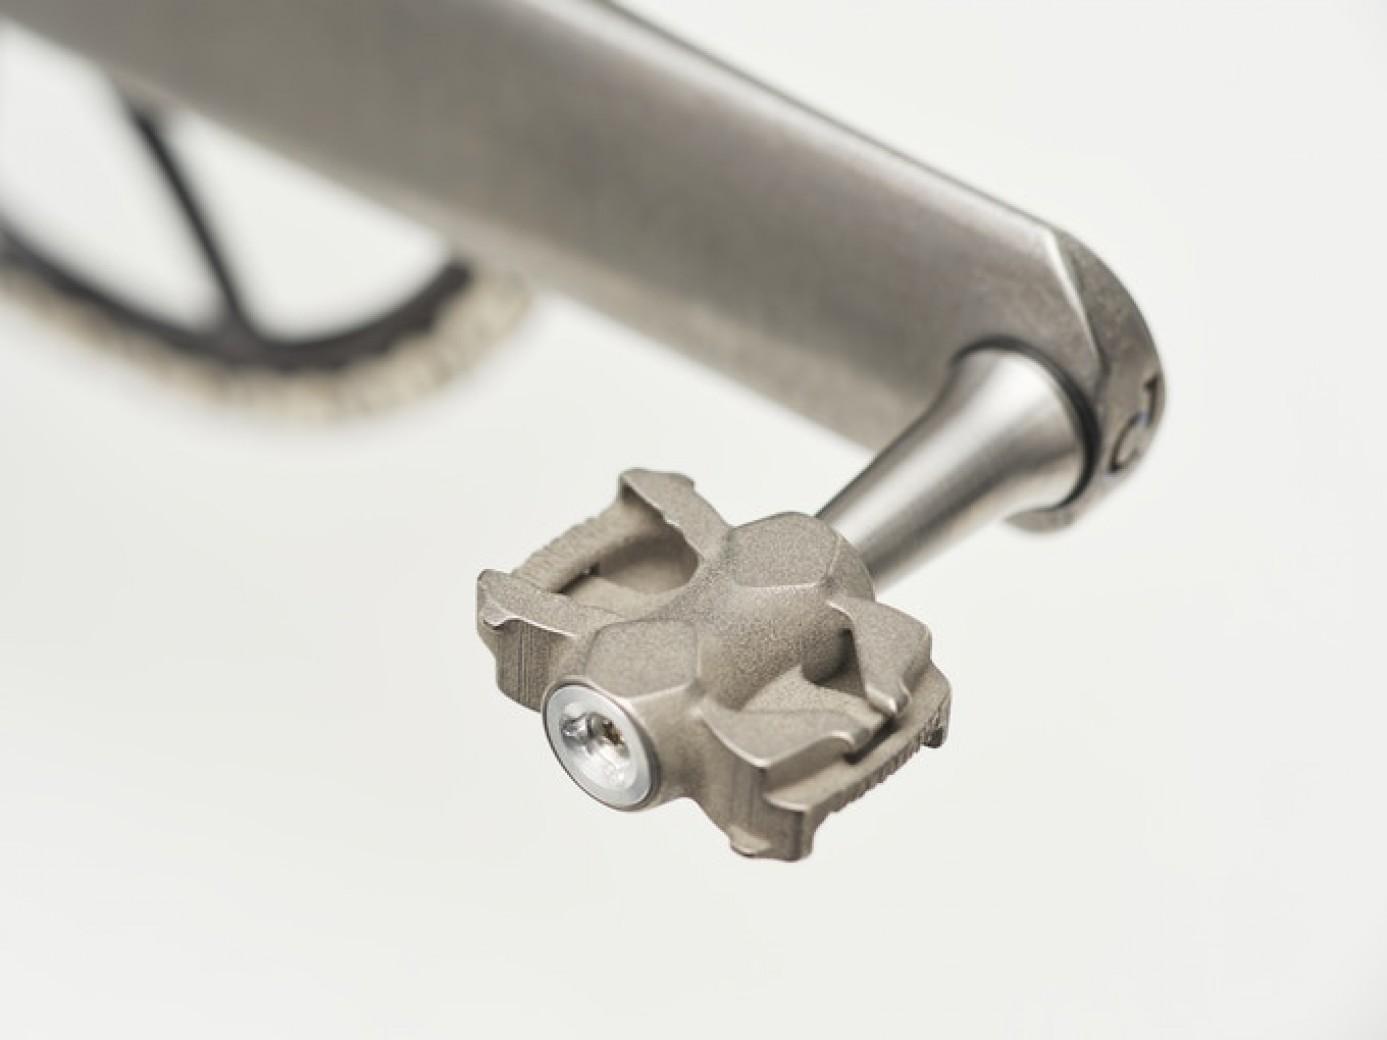 pedales-titanio-100-gramos-myti-ultra/